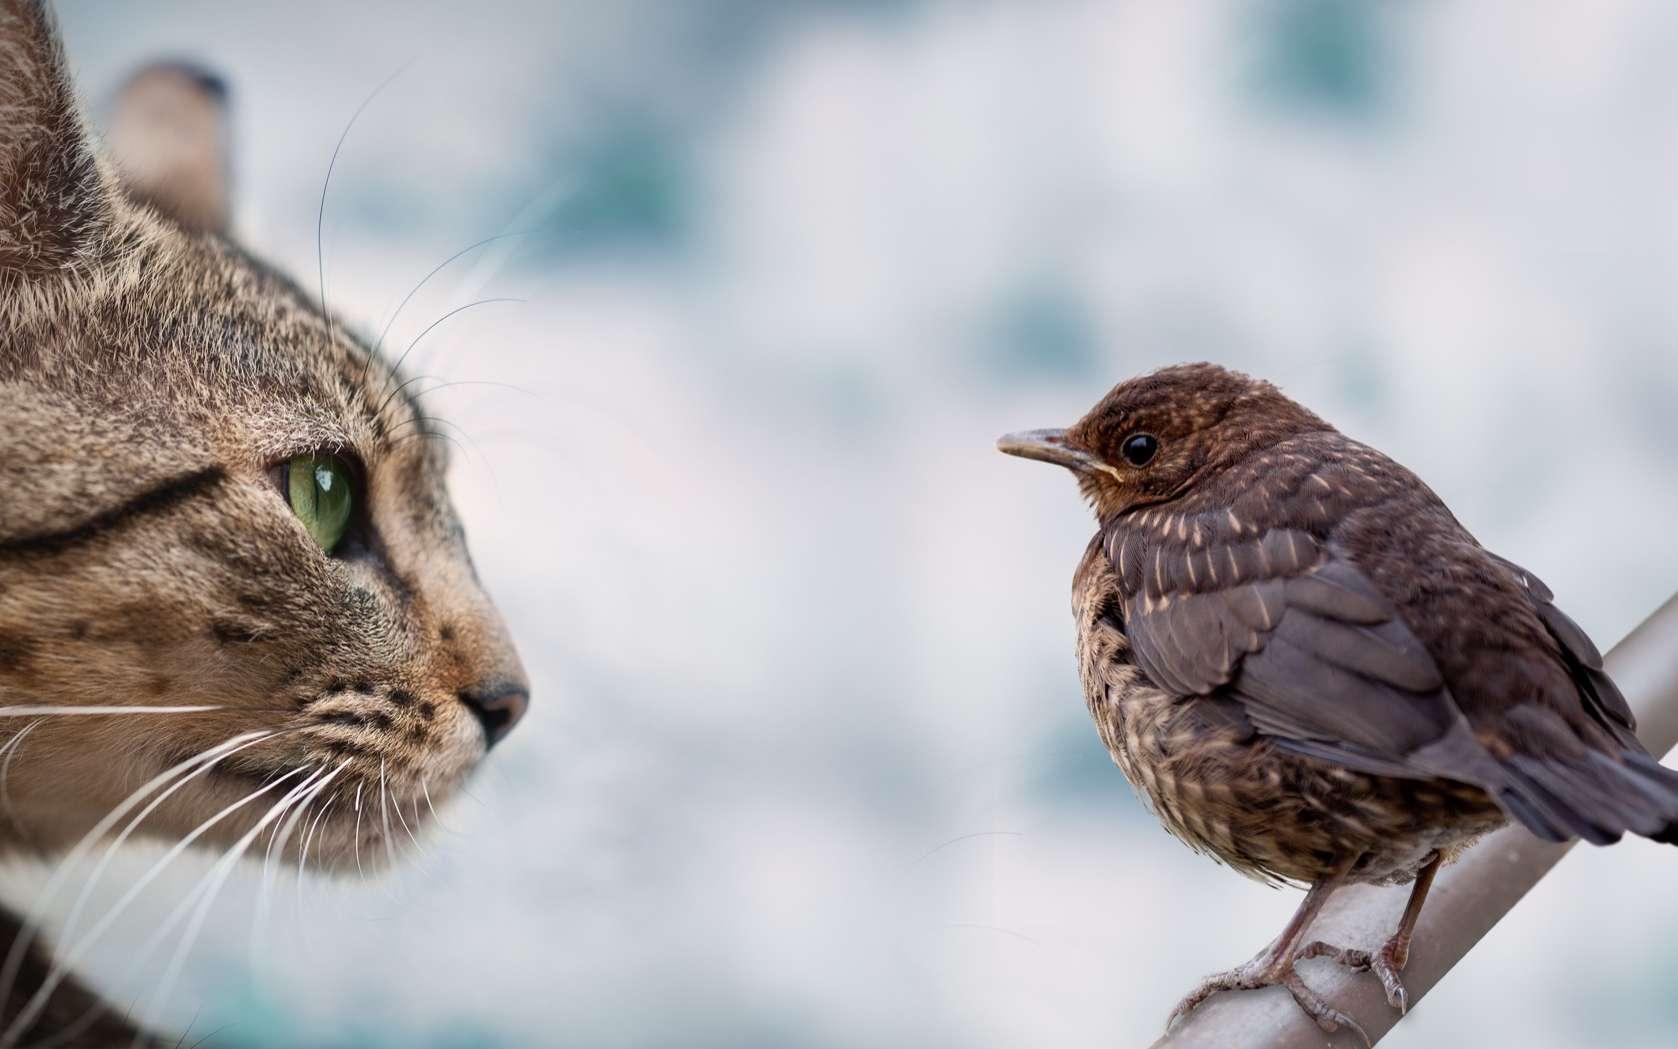 L'alimentation du chat nourrit-elle son instinct de prédateur ? © zmijak, Adobe Stock